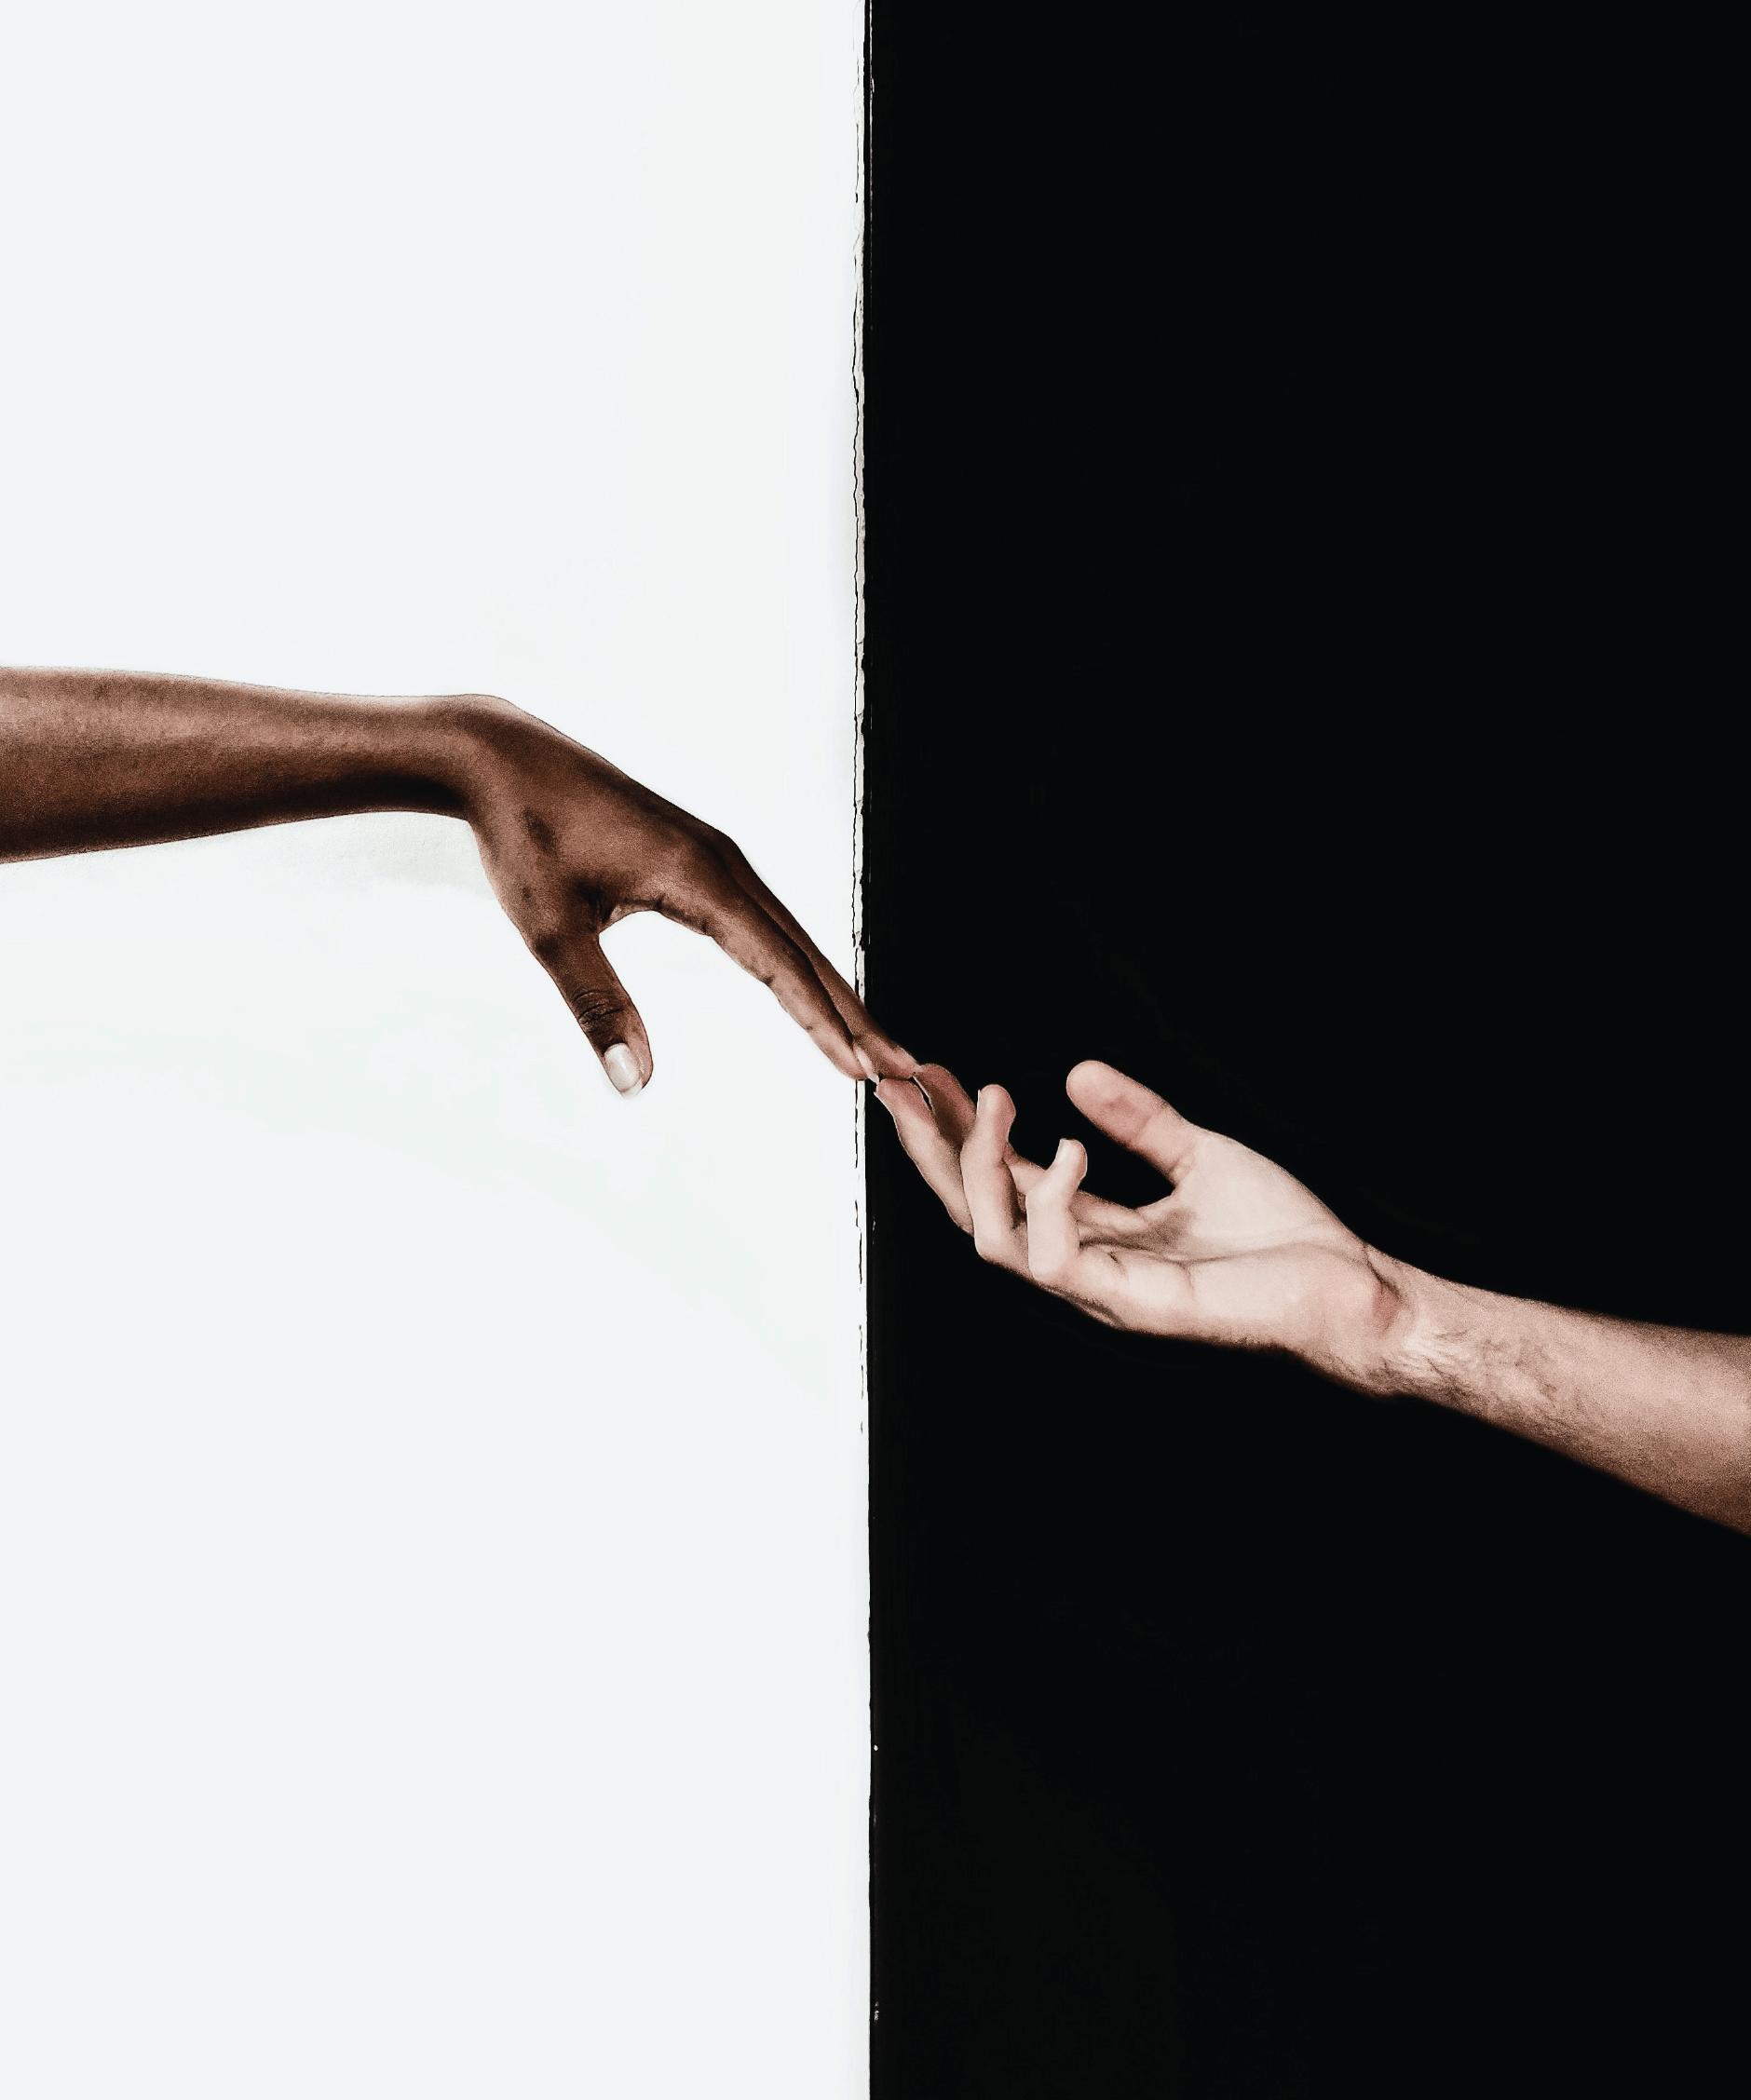 เราในฐานะผู้เชื่อ ควรจะตอบสนองอย่างไรต่อการฆ่าคนผิวดำ?